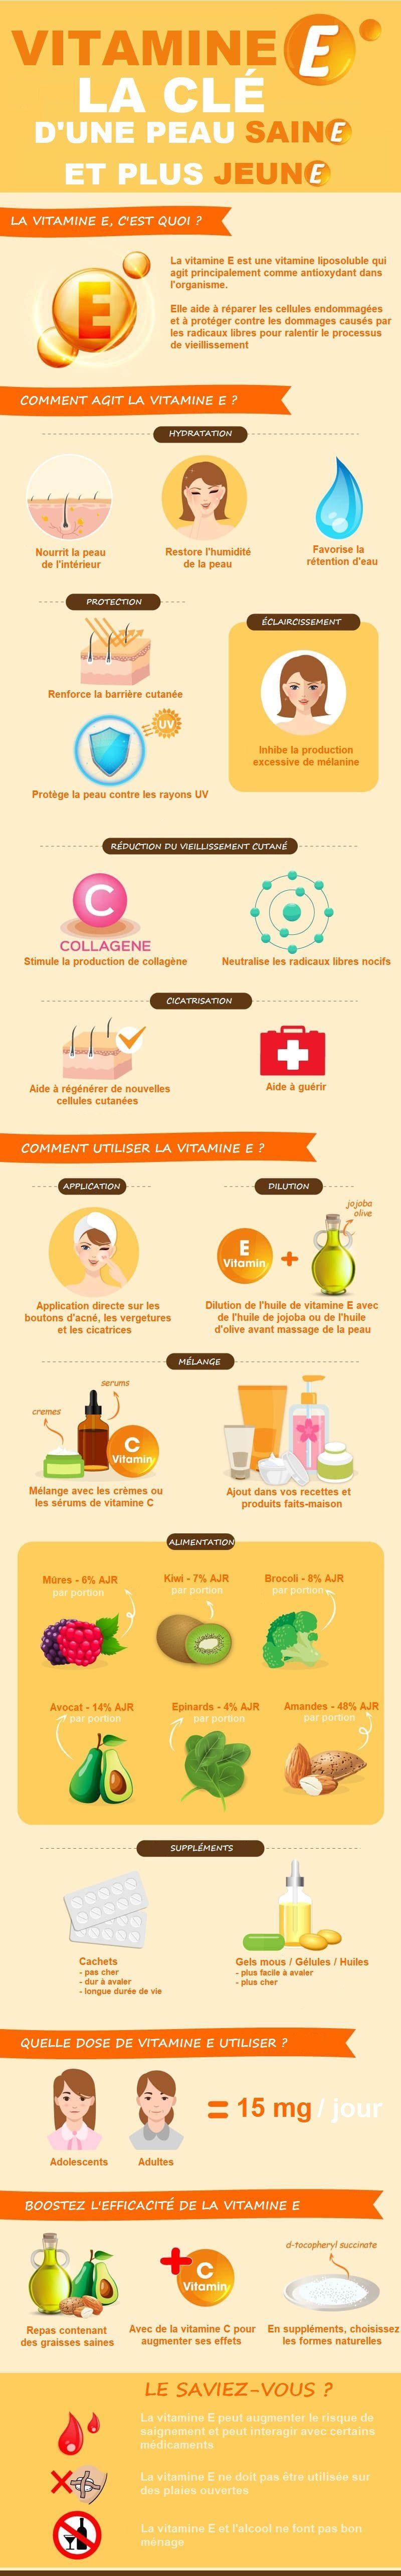 bienfaits-vitamine-e-peau